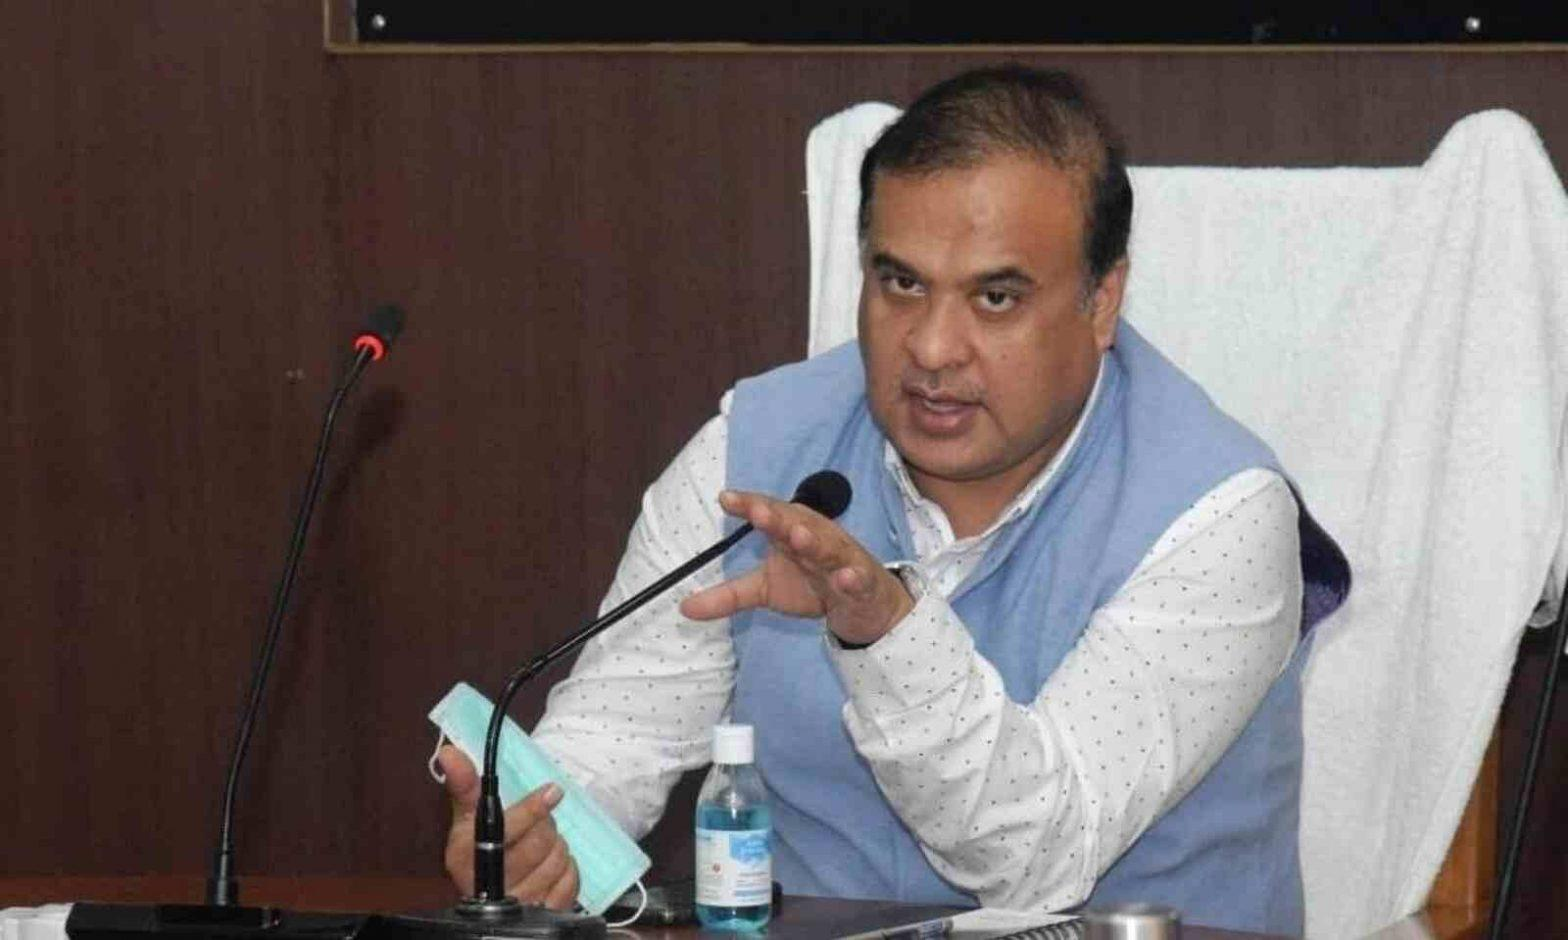 Assam CM Himanta Biswa assures govt jobs for National Games Medalists | आसामचे मुख्यमंत्री हिमंता बिस्वा यांनी राष्ट्रीय खेळांत पदक विजेत्यांना शासकीय नोकर्या देण्याची हमी दिली_40.1